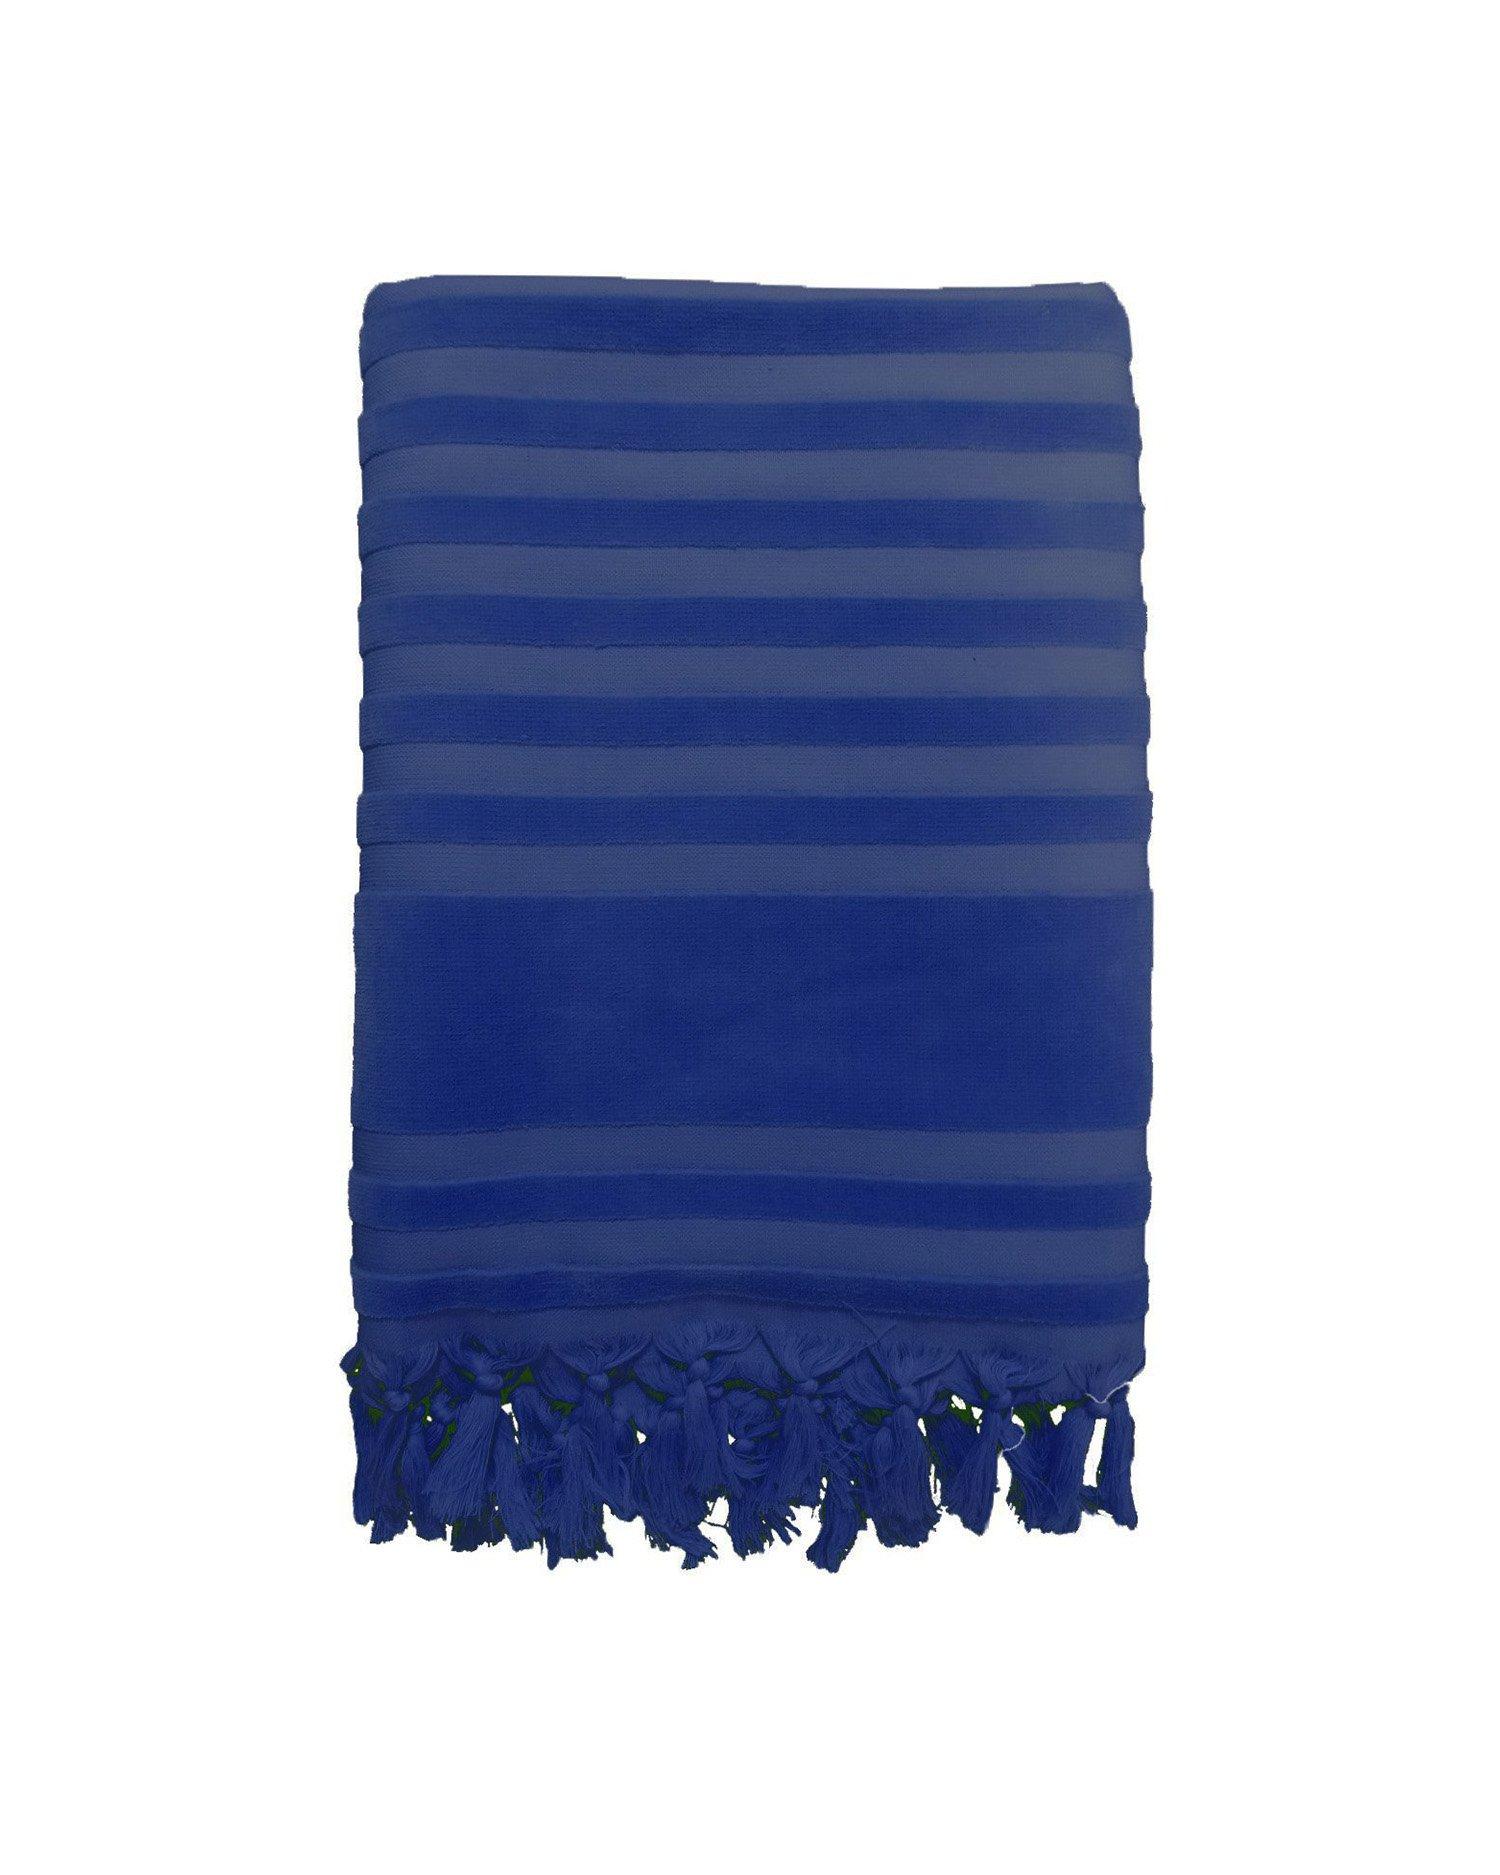 Fouta éponge velours ciselée bleue marine scala 90x160